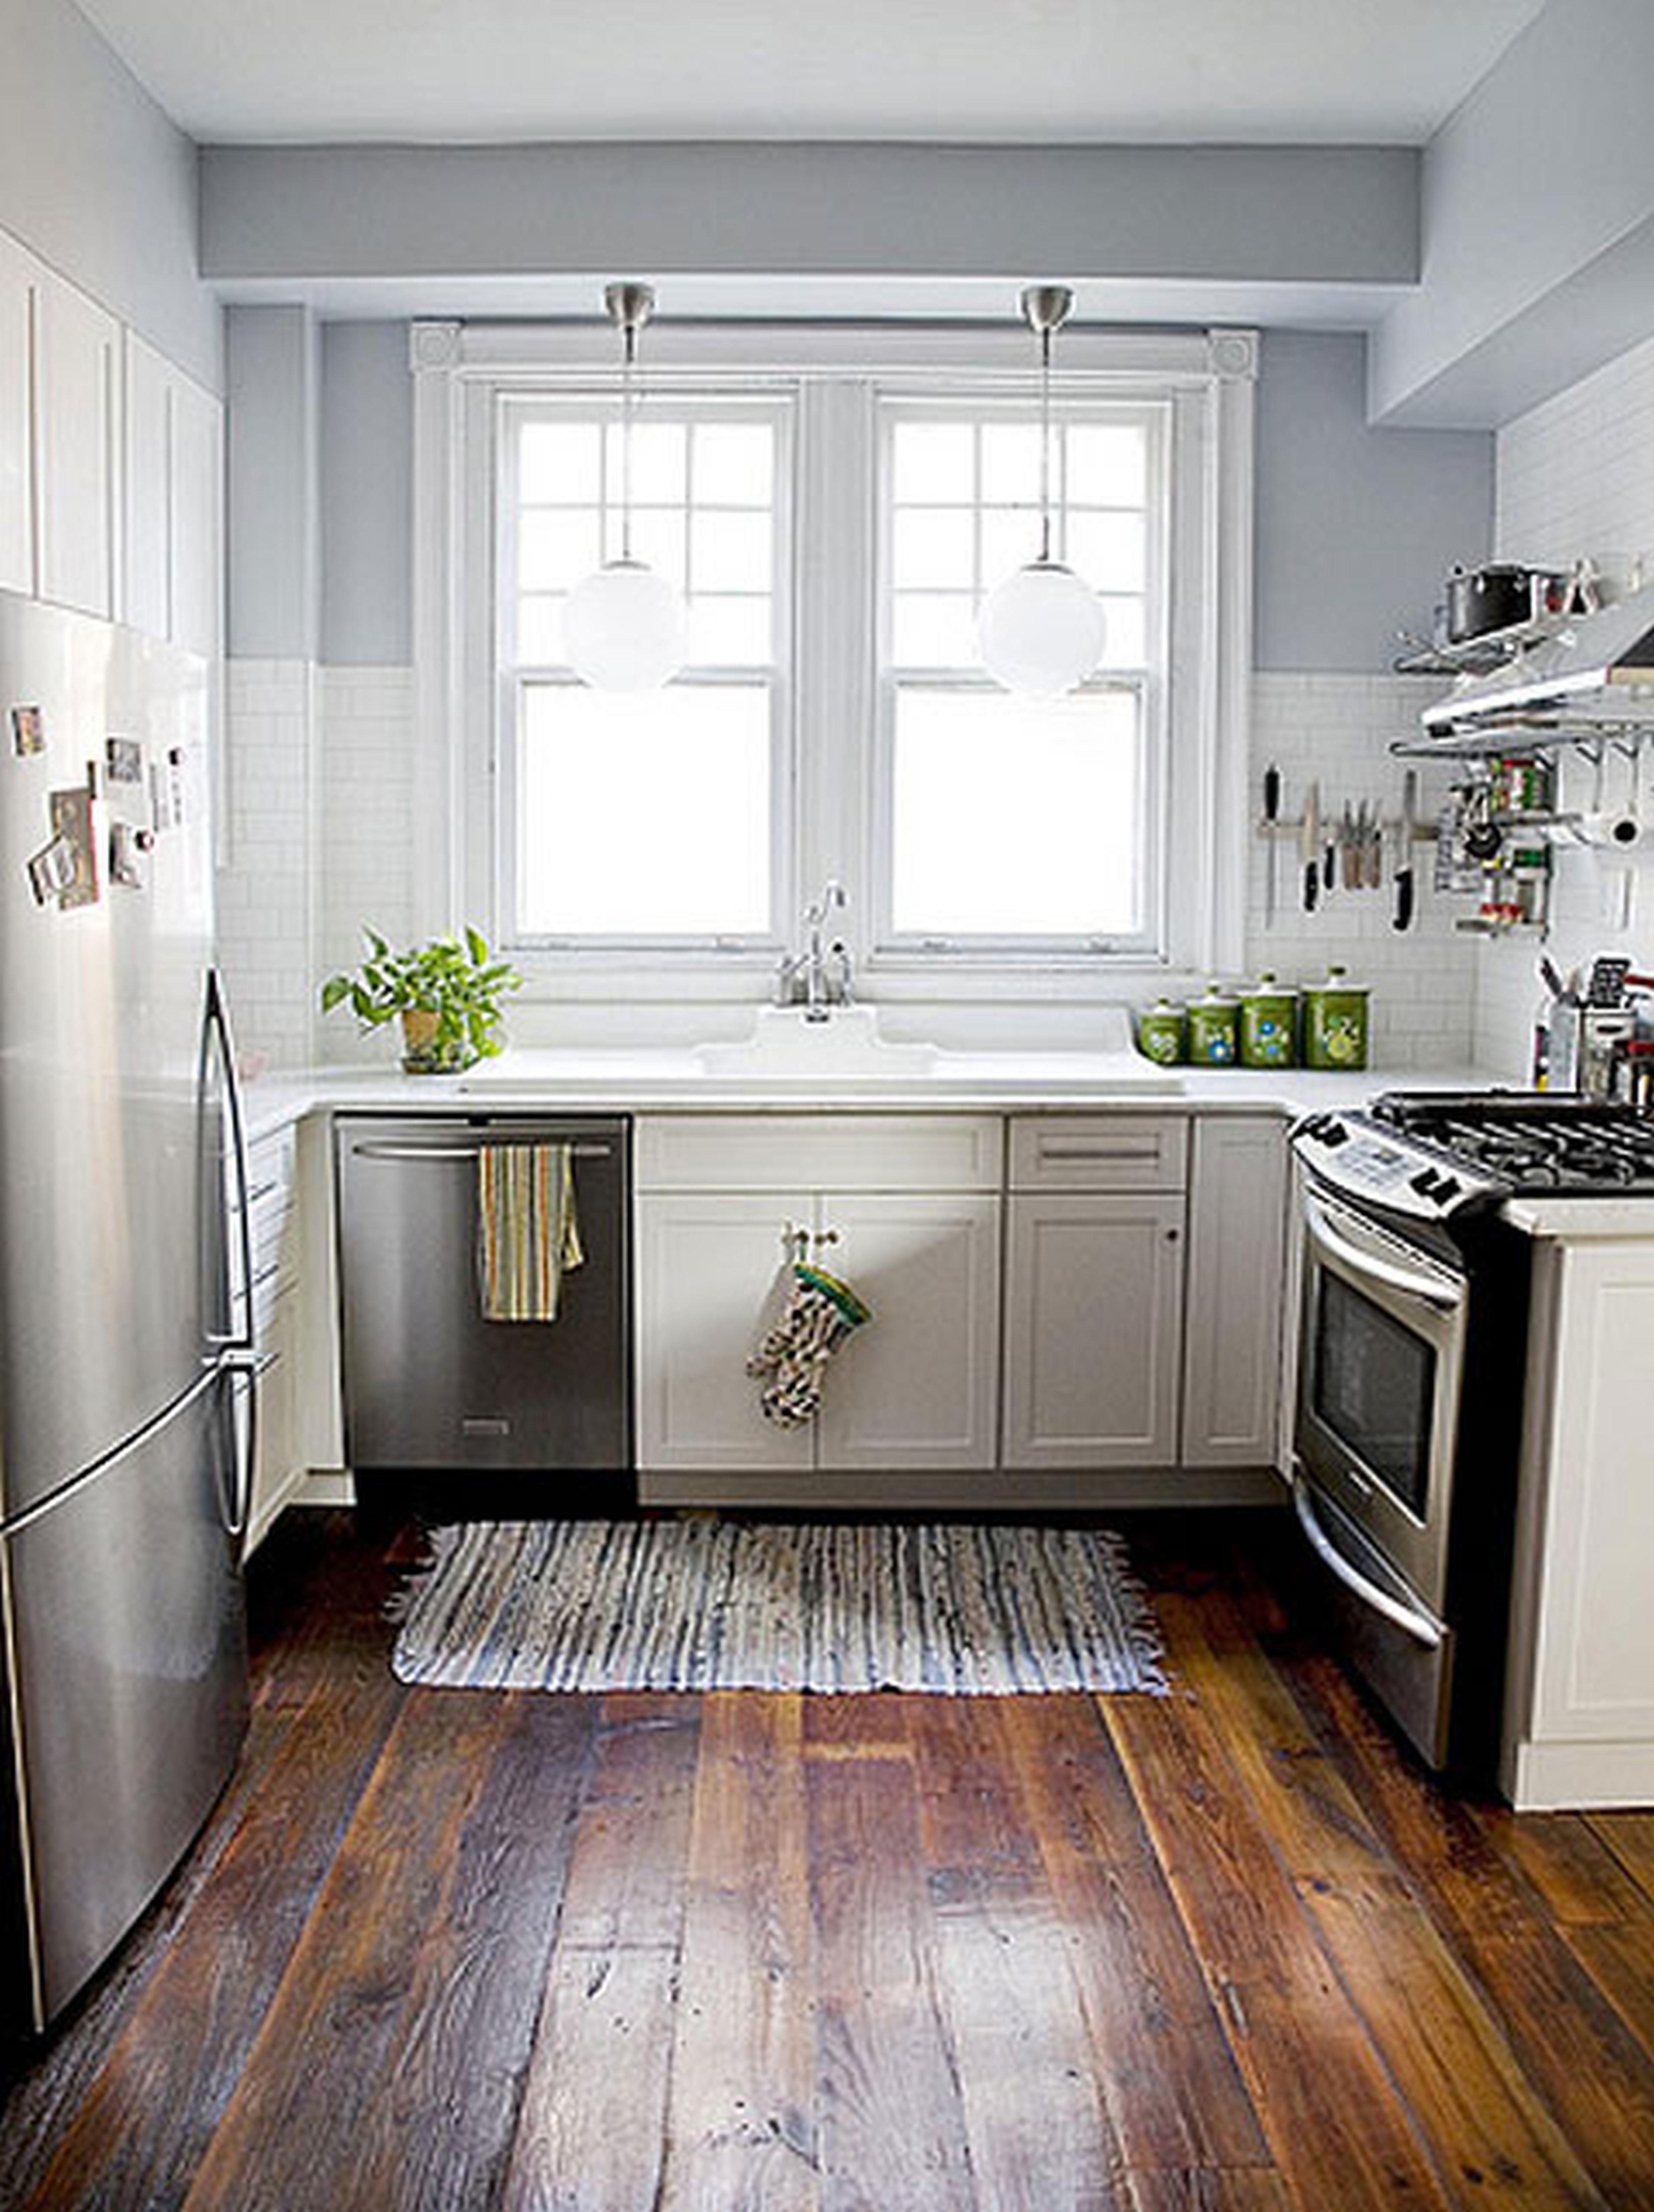 Elegant Best Small Kitchen Design Layout